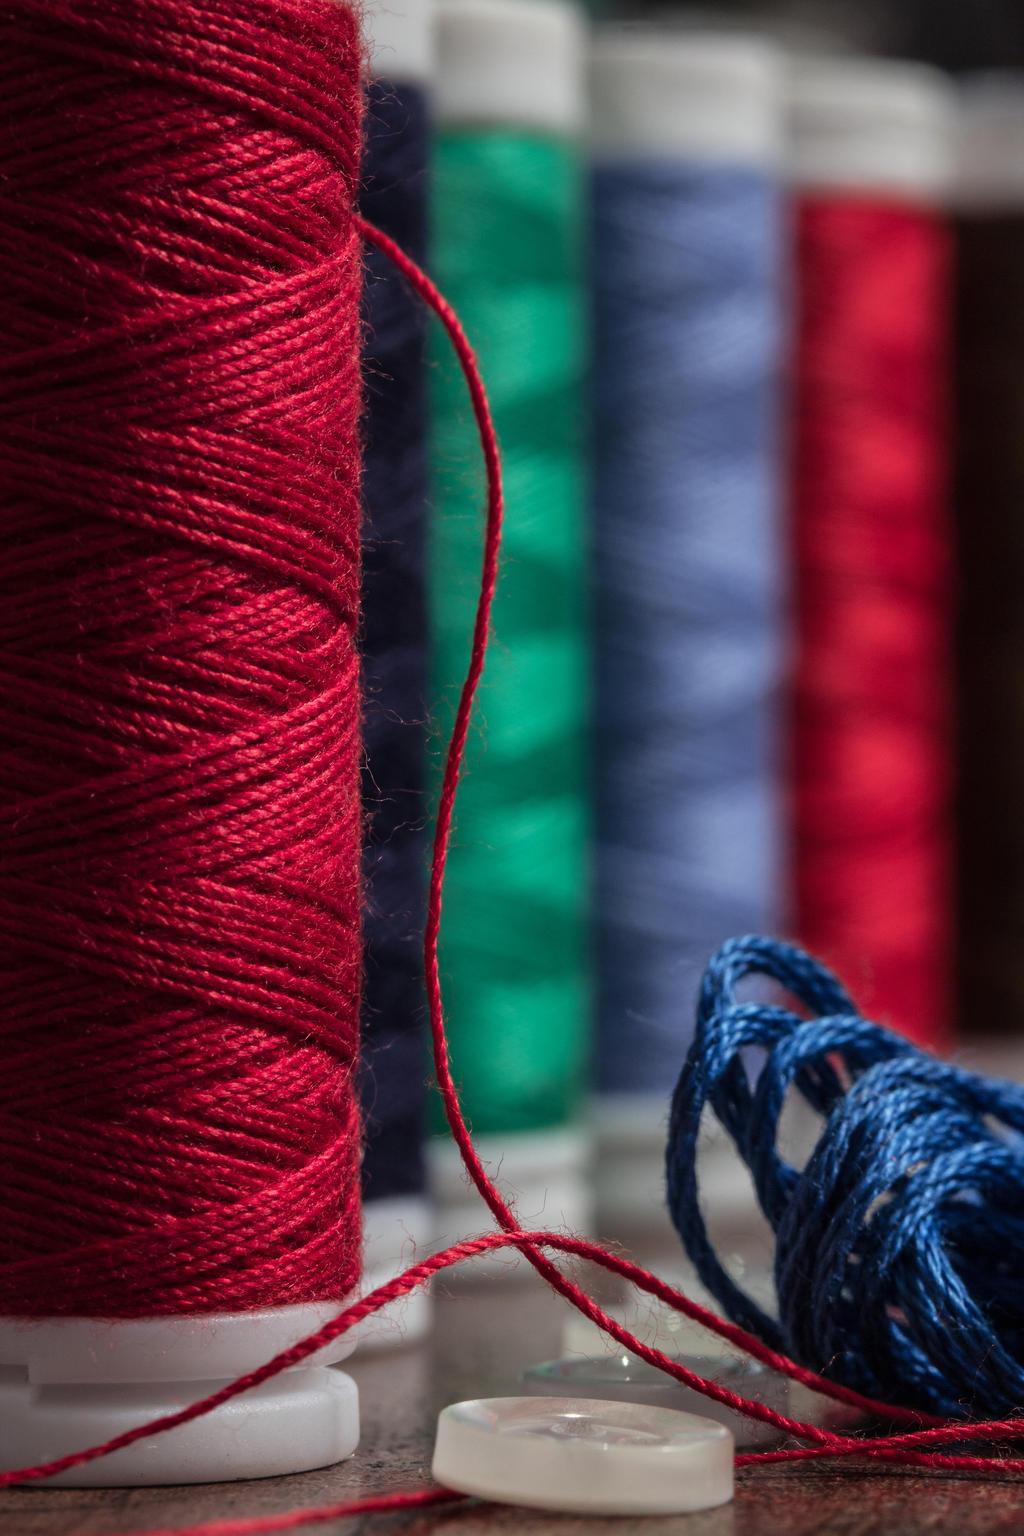 The red thread IV by AlejandroCastillo